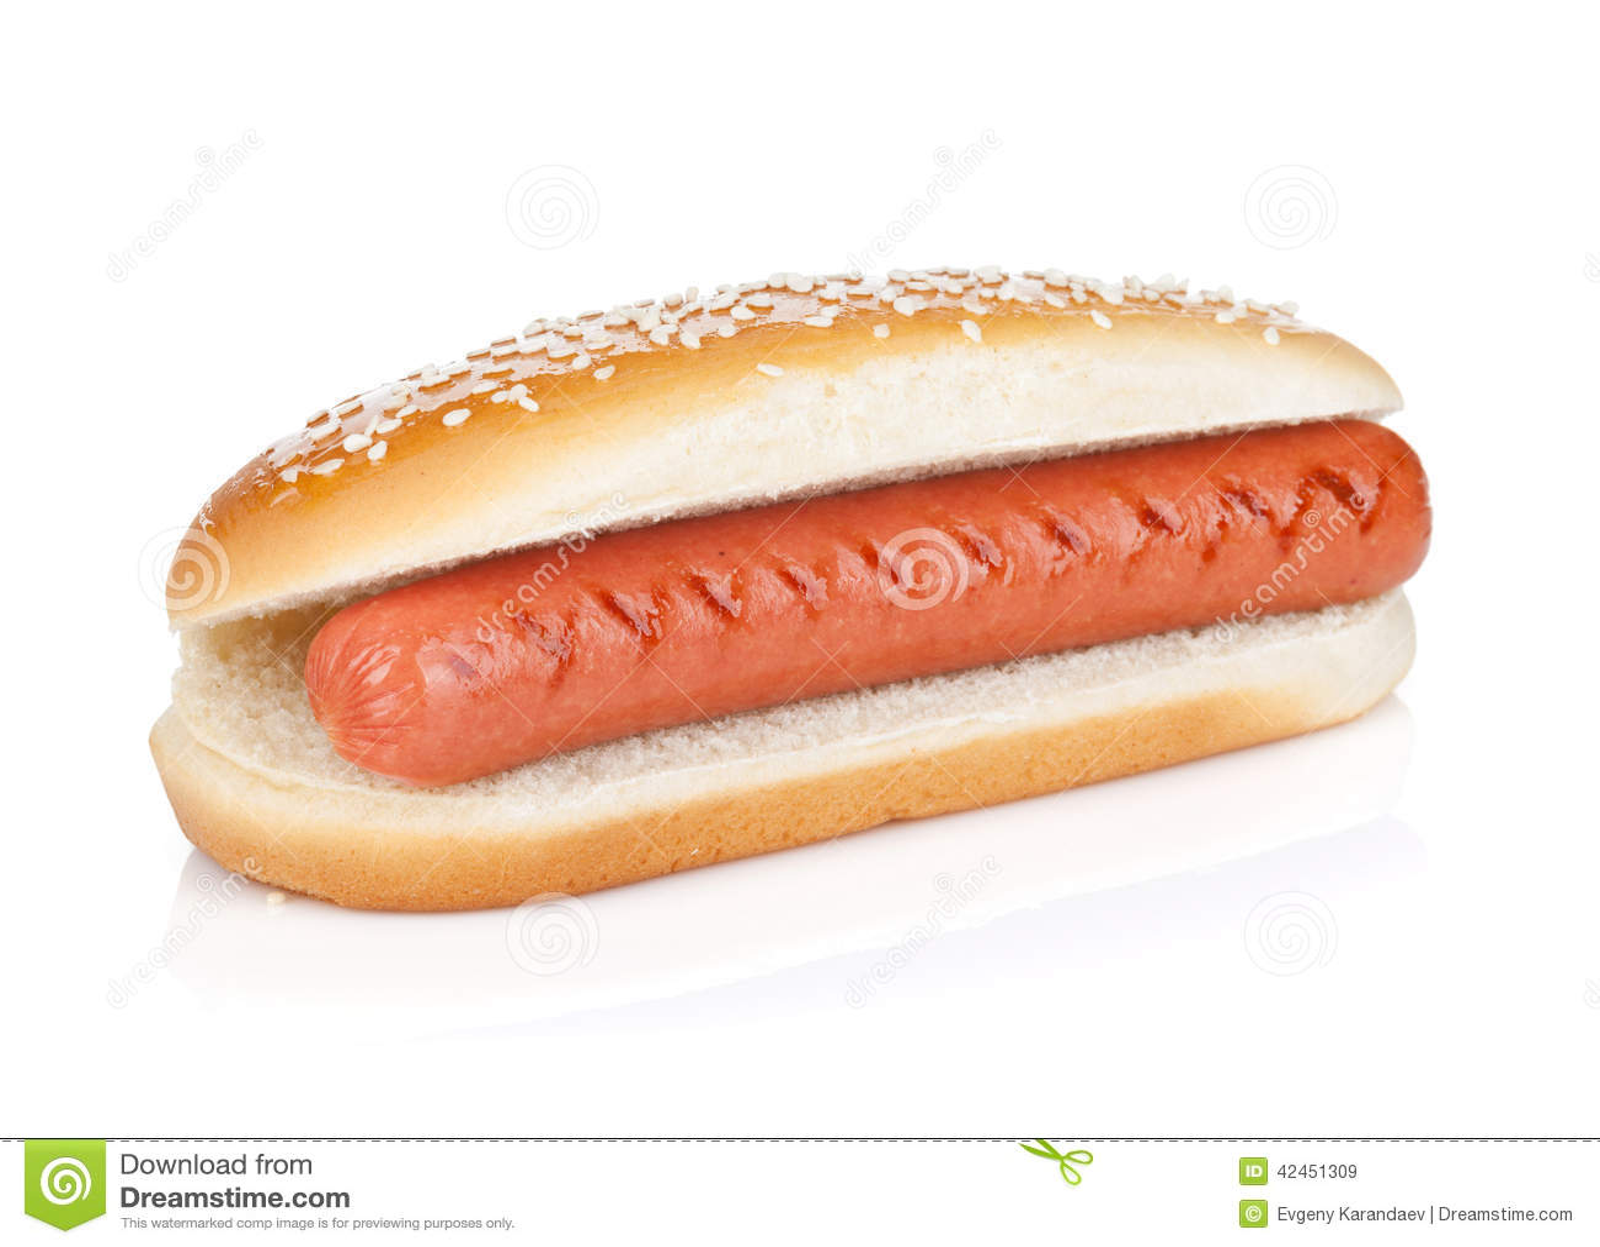 original hot dog stock photo image 42451309. Black Bedroom Furniture Sets. Home Design Ideas